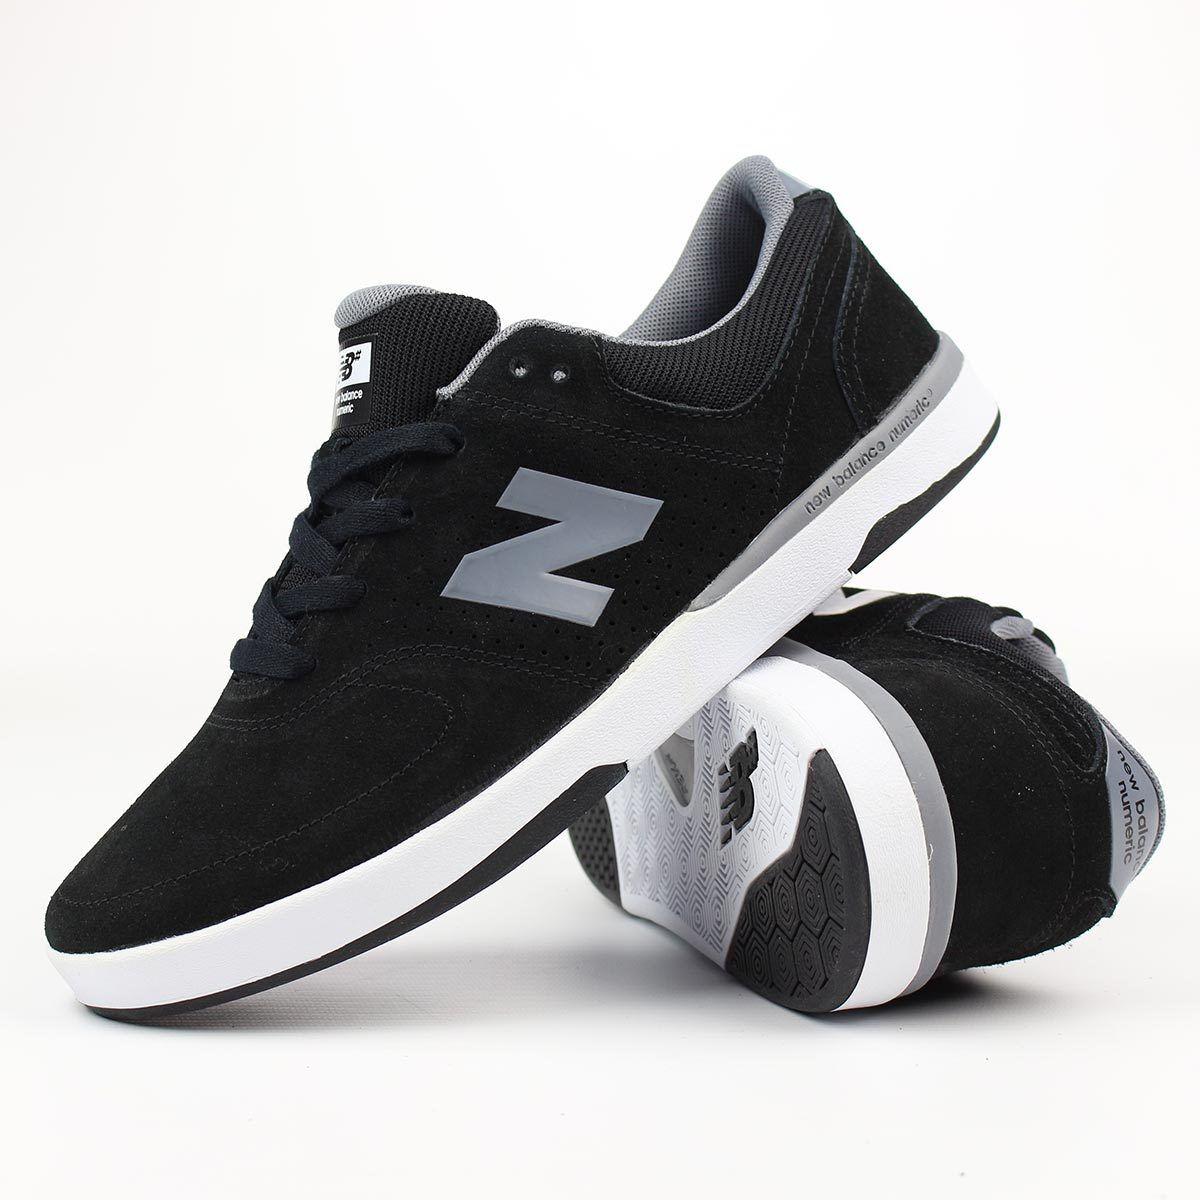 New Balance 533 PJ Stratford - Black Grey White